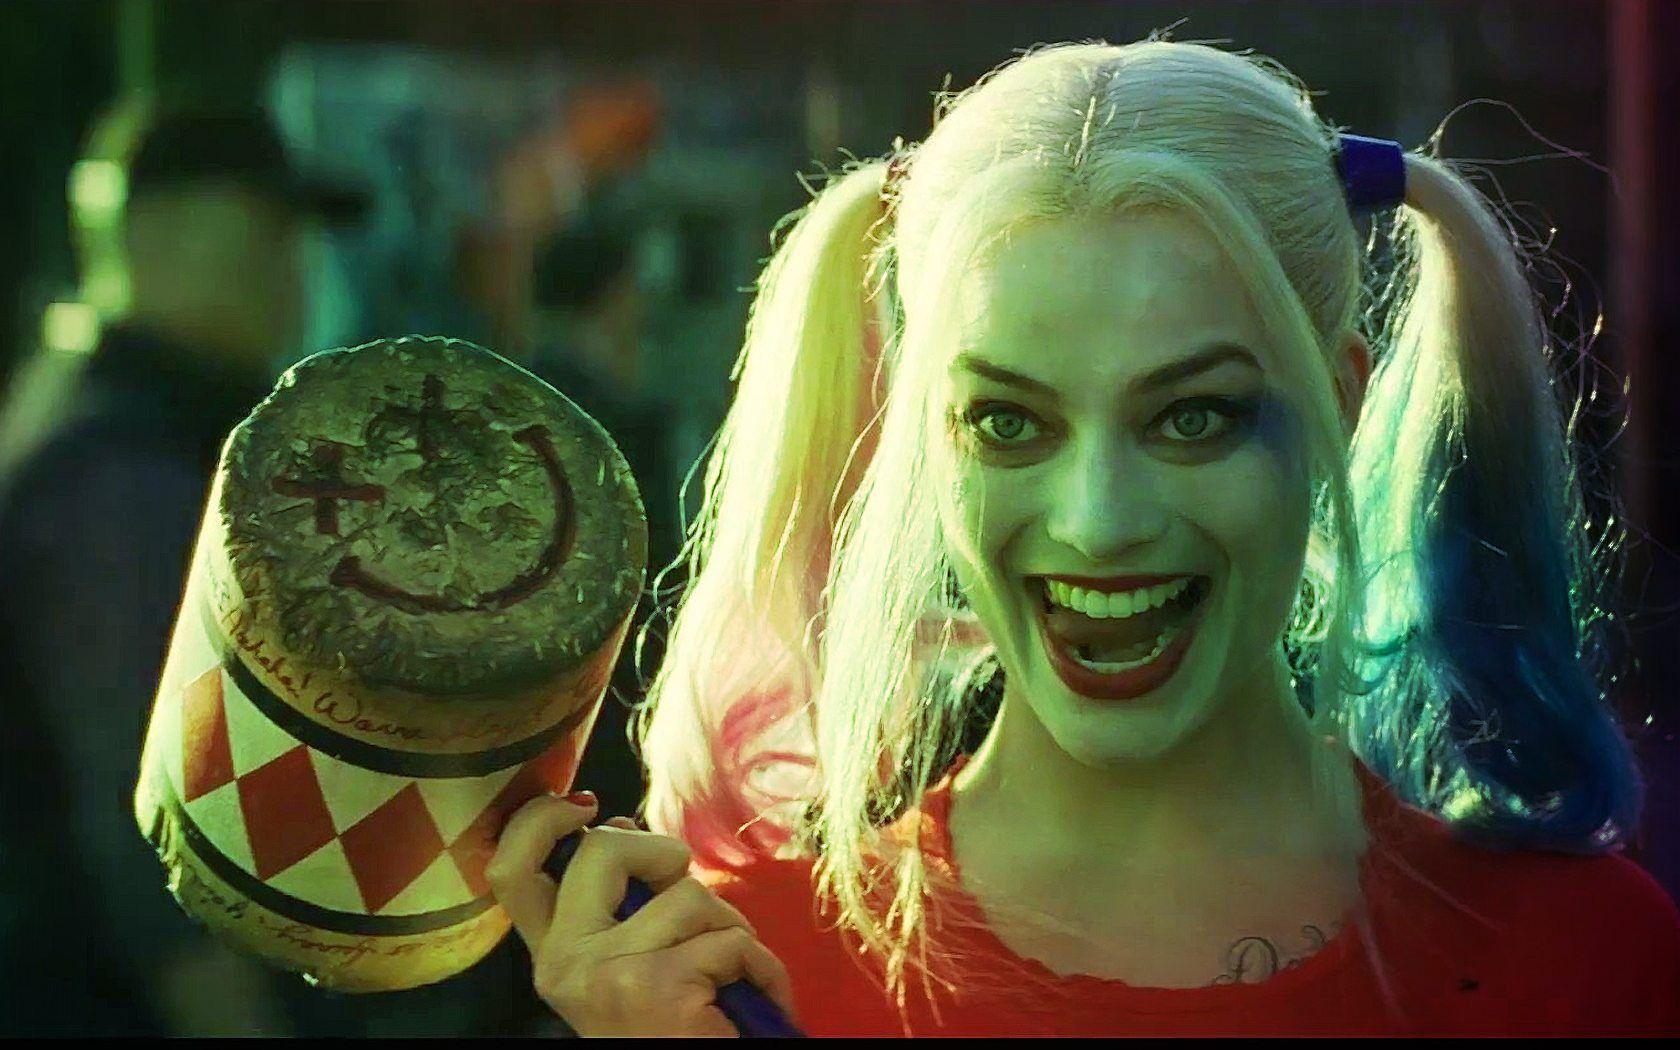 Fantastic Wallpaper Logo Harley Quinn - 37600870797e67831eb2a46e06d34cc6  You Should Have_775551.jpg